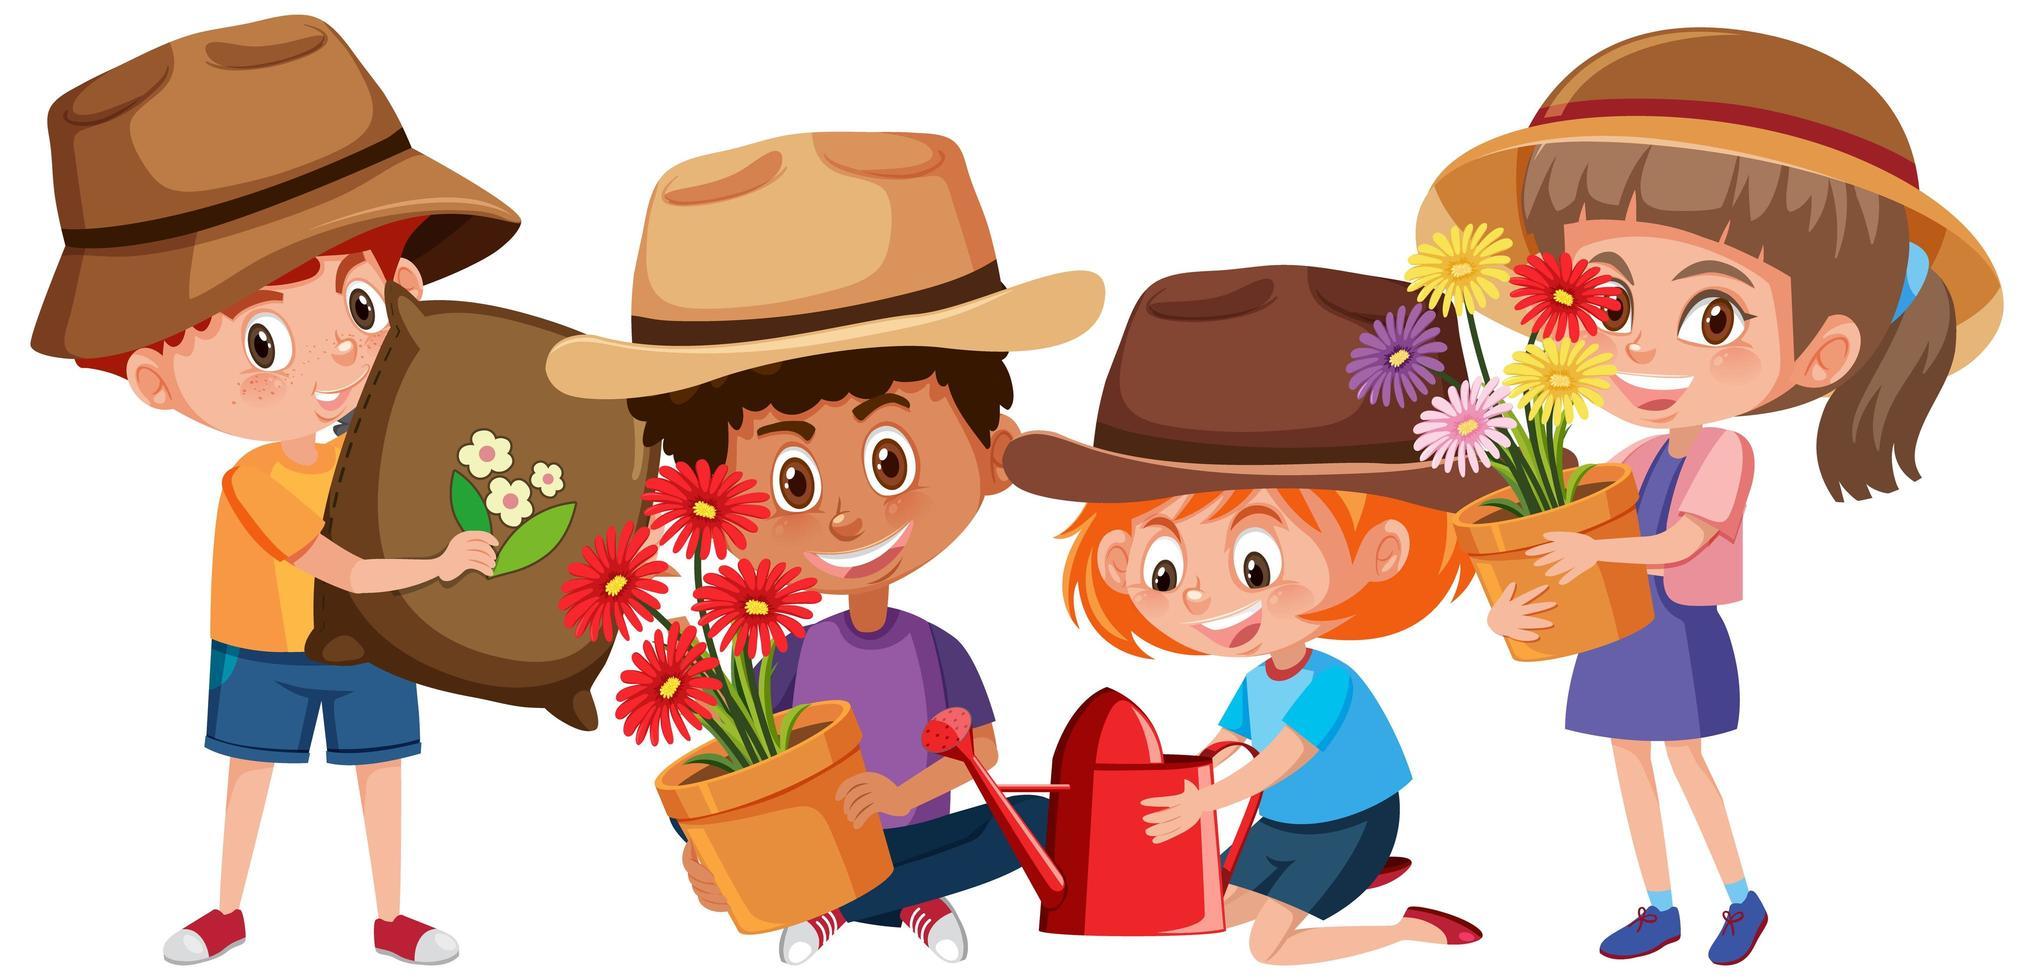 uppsättning olika barn som håller trädgårdsredskap seriefigur isolerad på vit bakgrund vektor